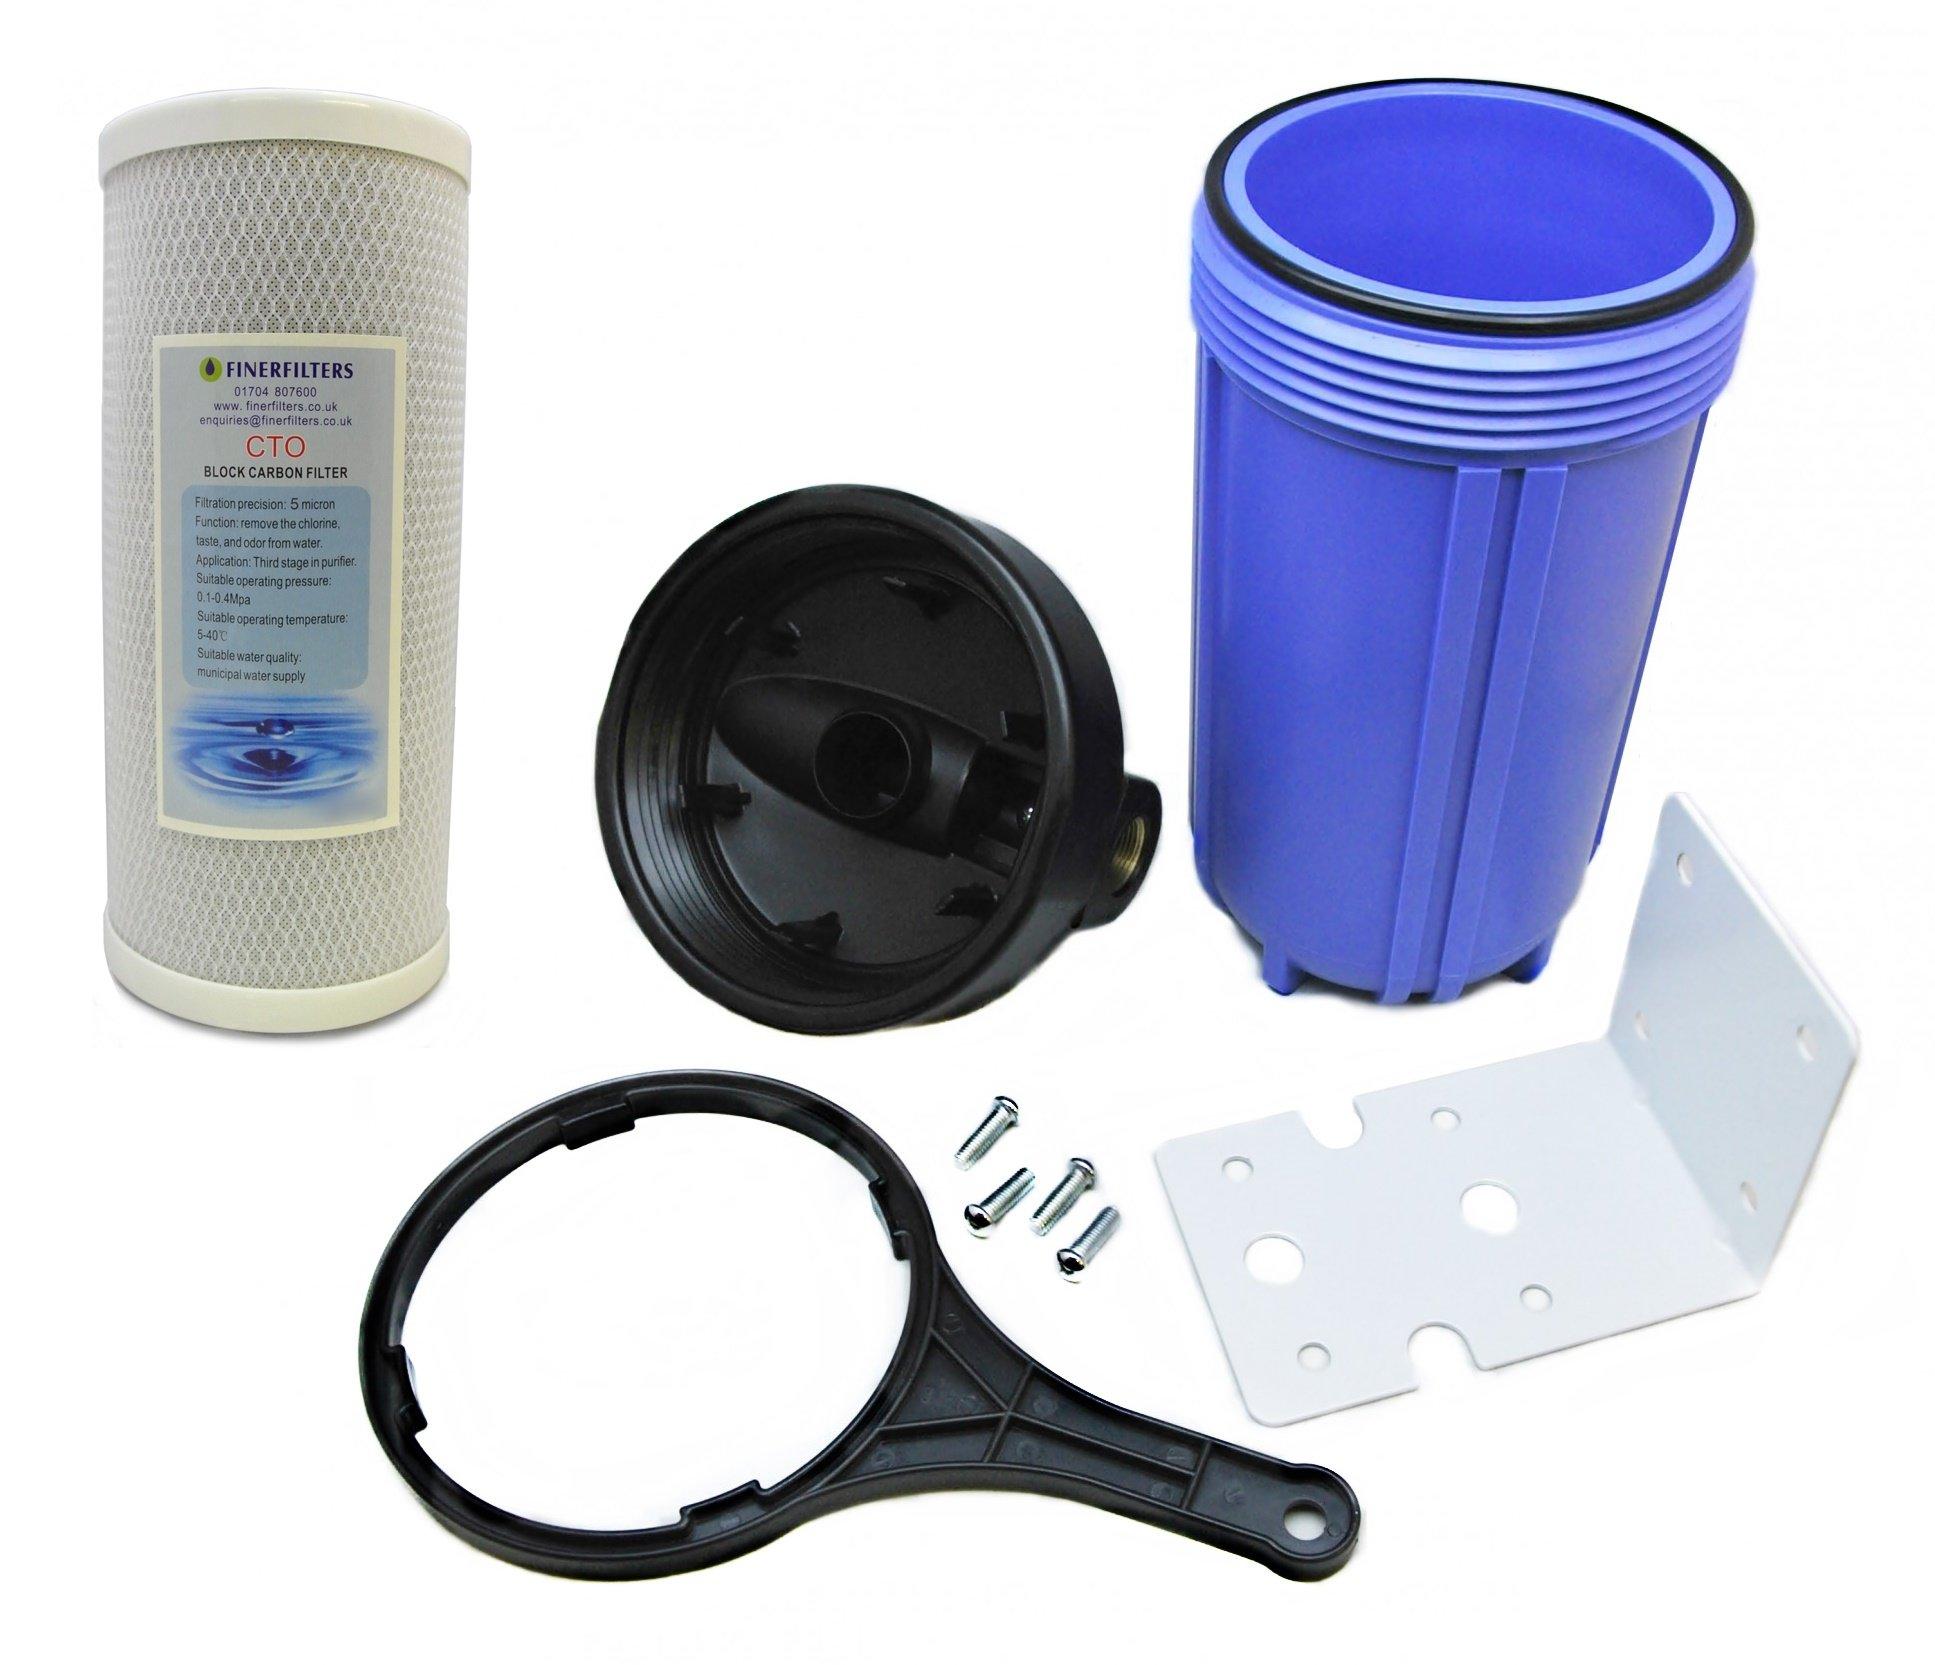 Finerfilters - Sistema purificador de filtro de agua para toda la casa, filtrado de agua para toda la casa con 5 micrones de filtro de bloque de carbono: Amazon.es ...